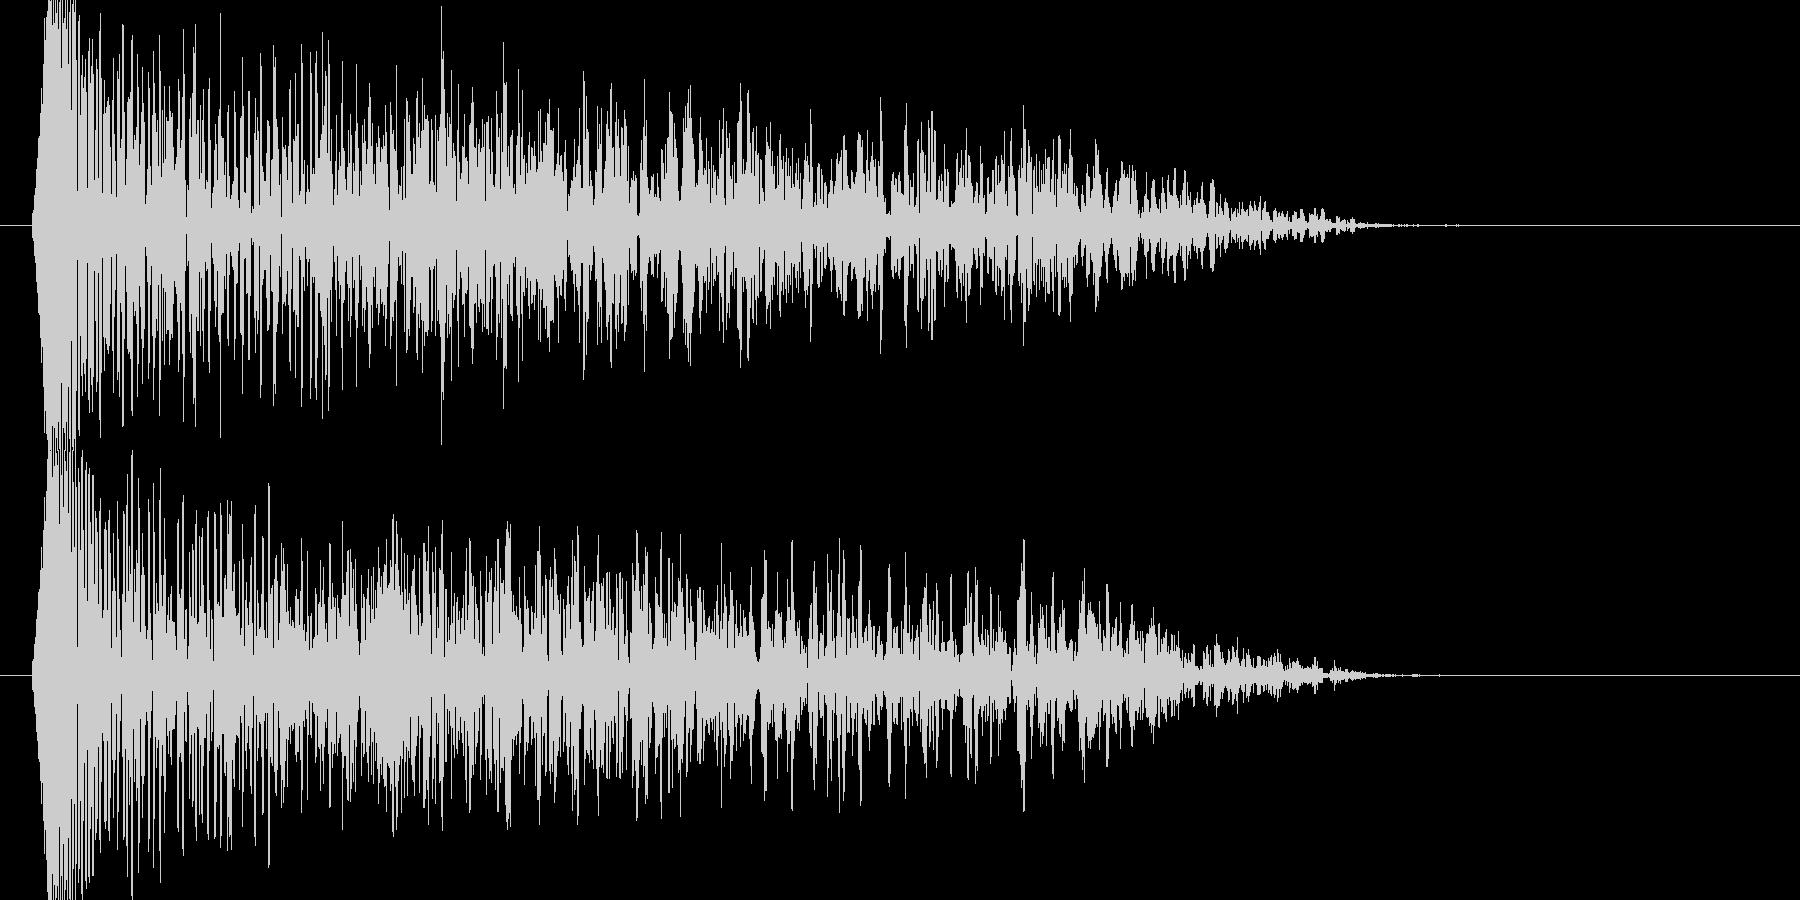 ブォーン、ジリジリジリジリ(衝撃波)の未再生の波形